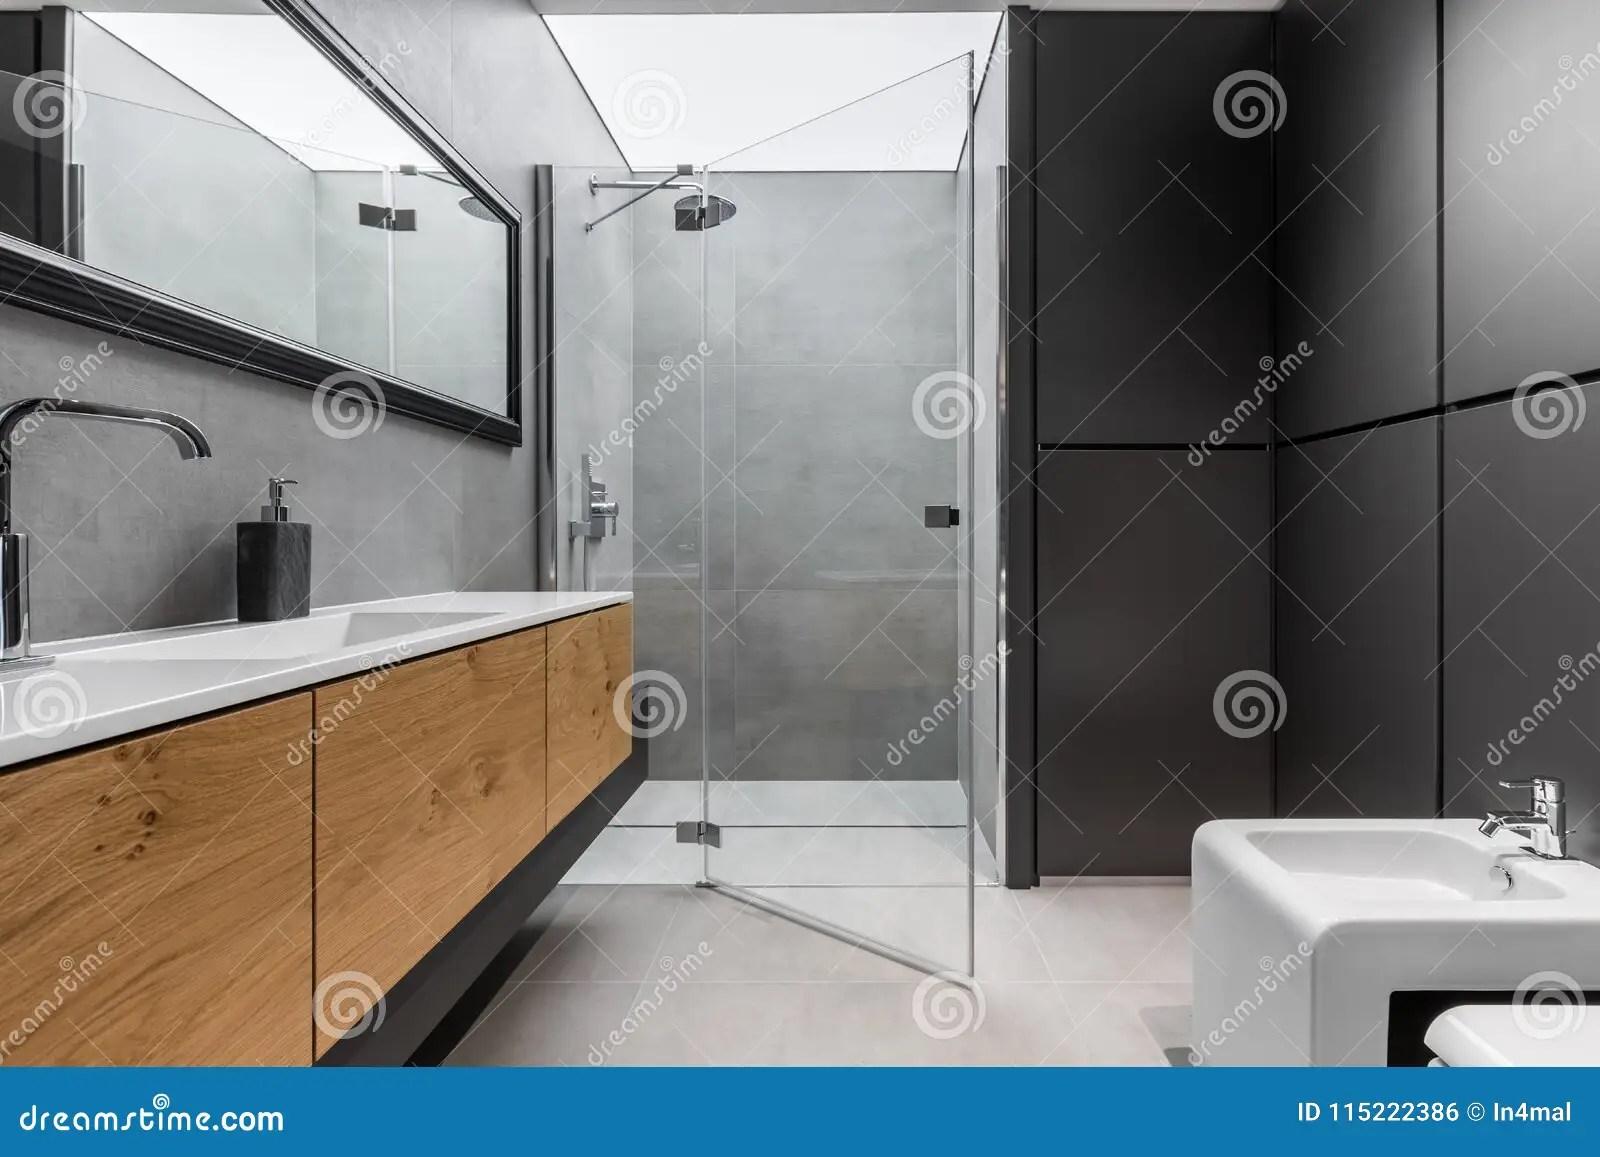 https fr dreamstime com salle bains grise noire image115222386